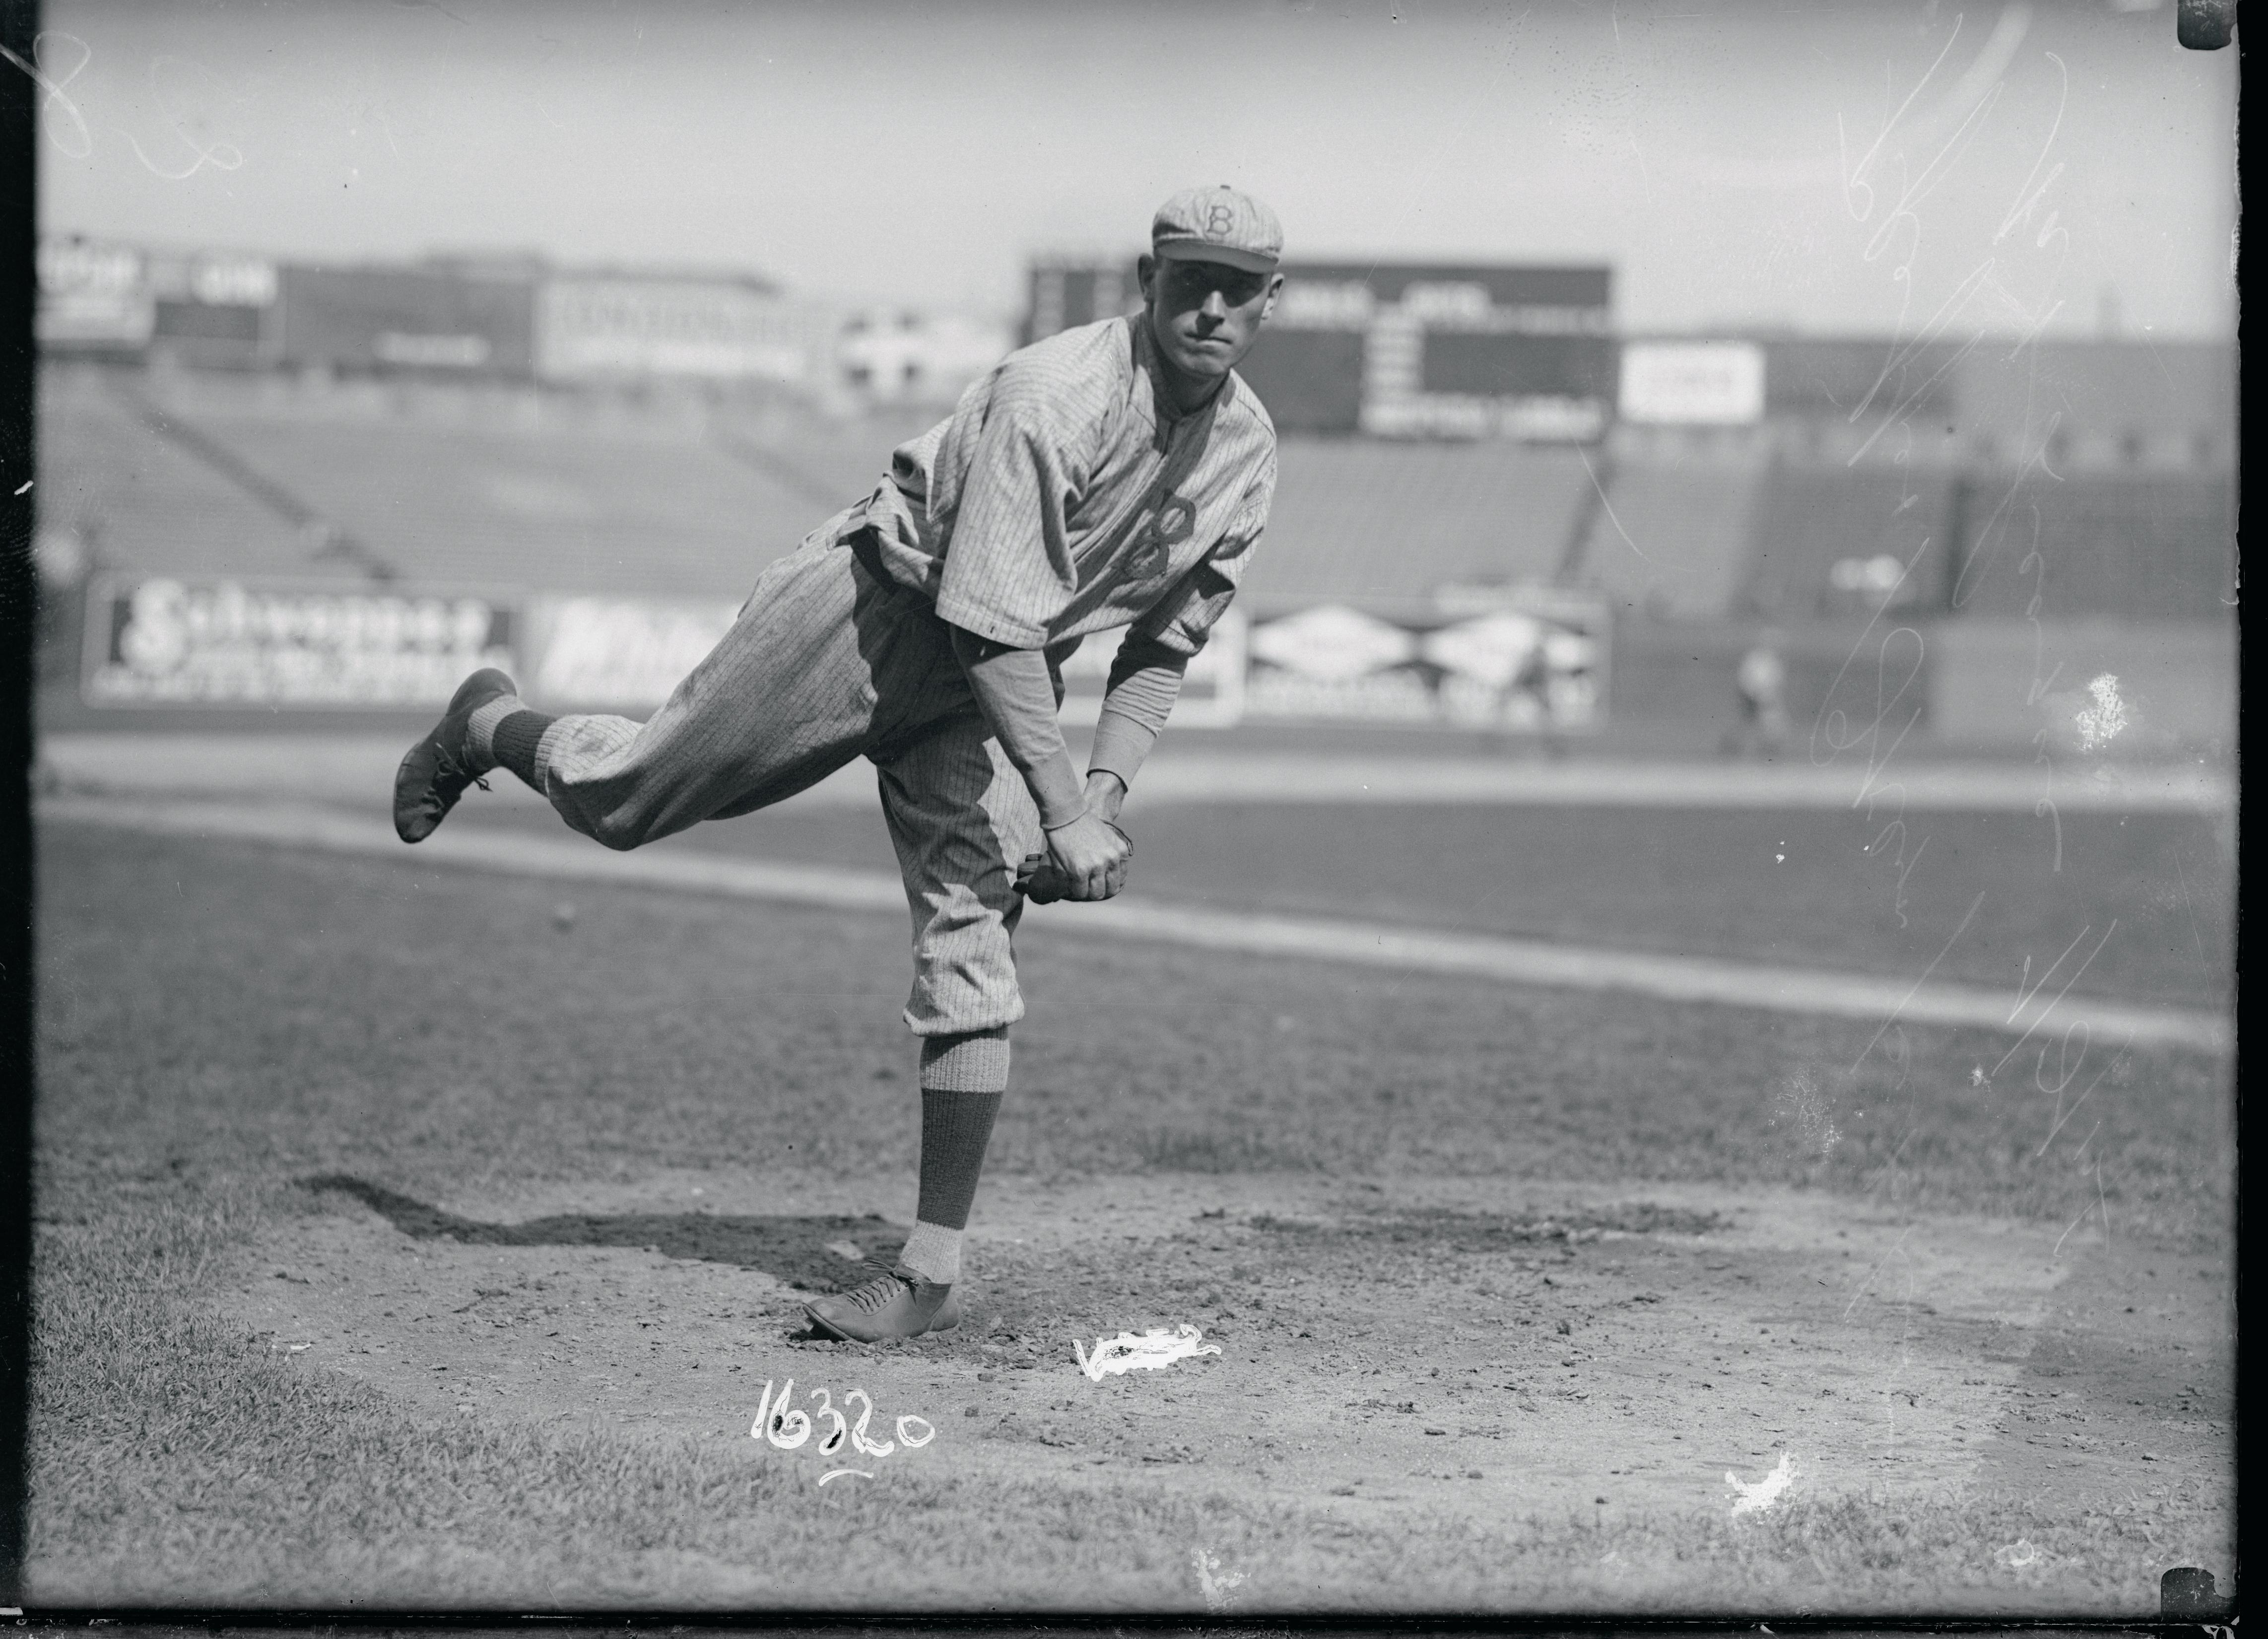 Baseball Player Jeff Pfeffer in Action